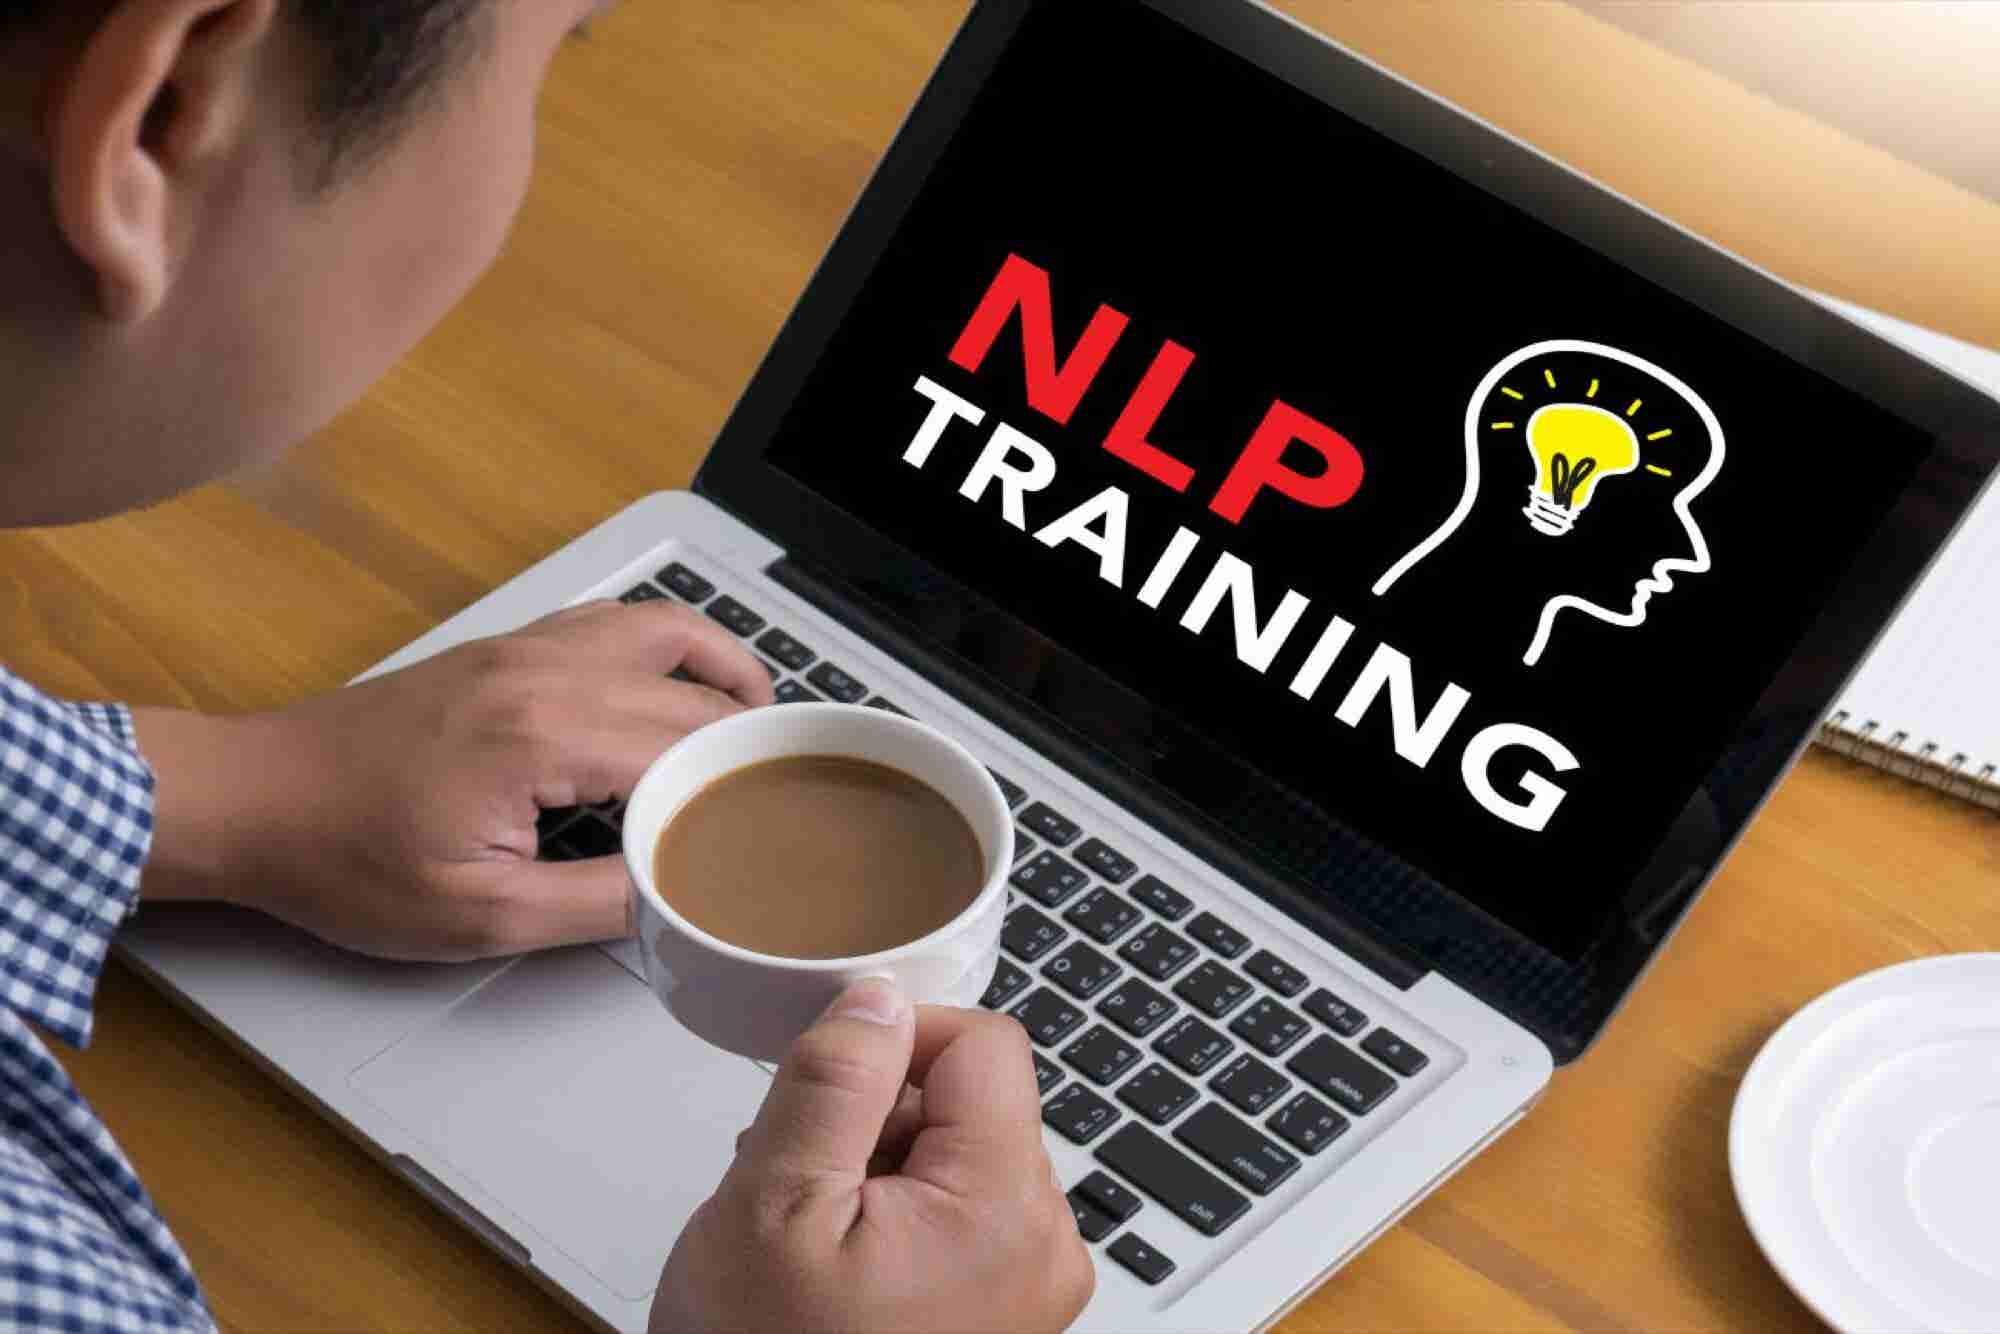 Programación neurolingüística, la herramienta que todo emprendedor debe conocer